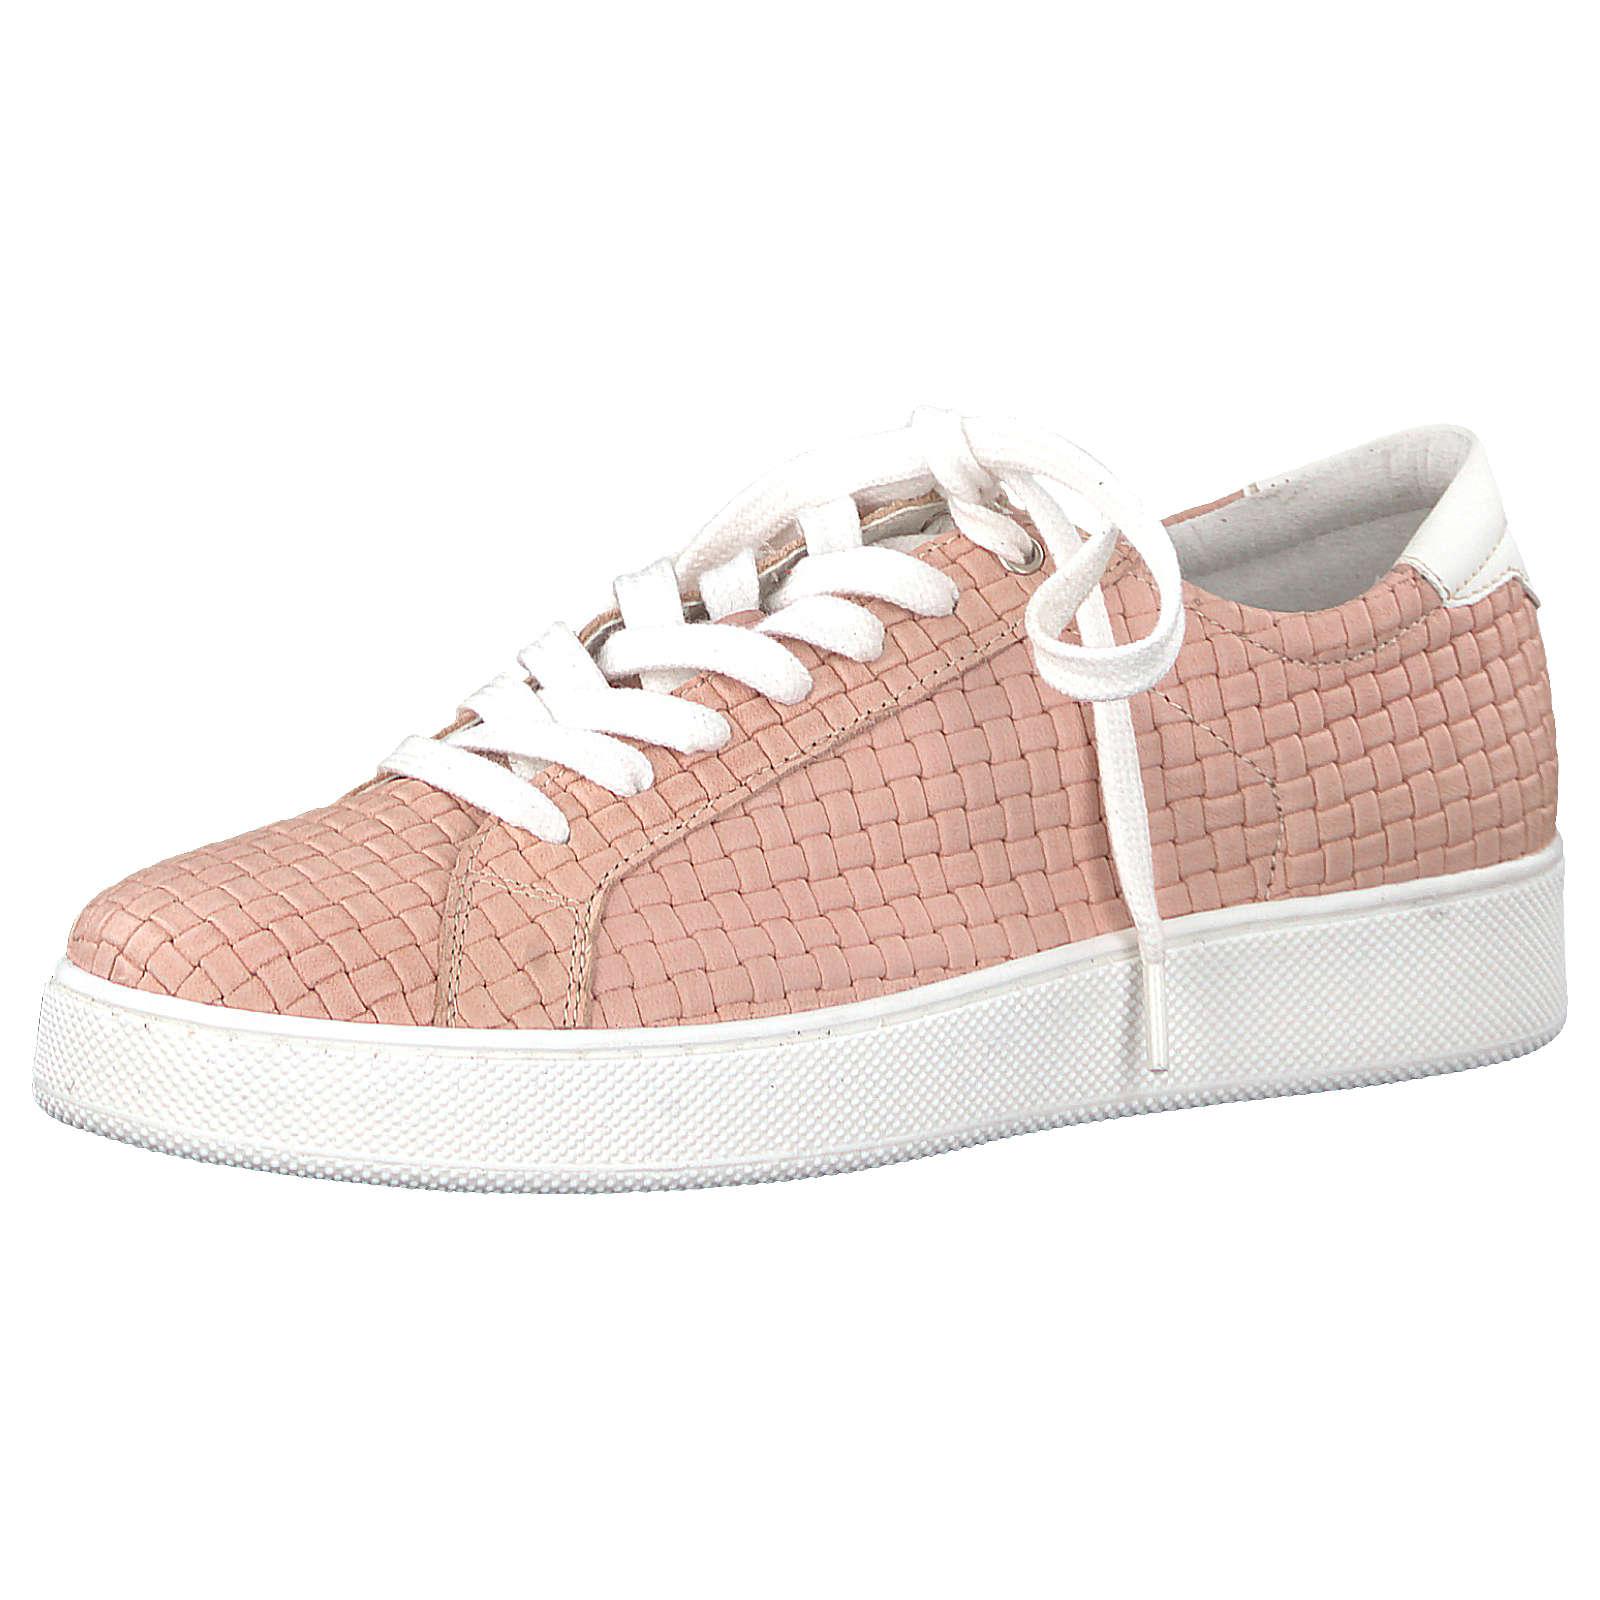 Tamaris Sneakers Low rosa Damen Gr. 41